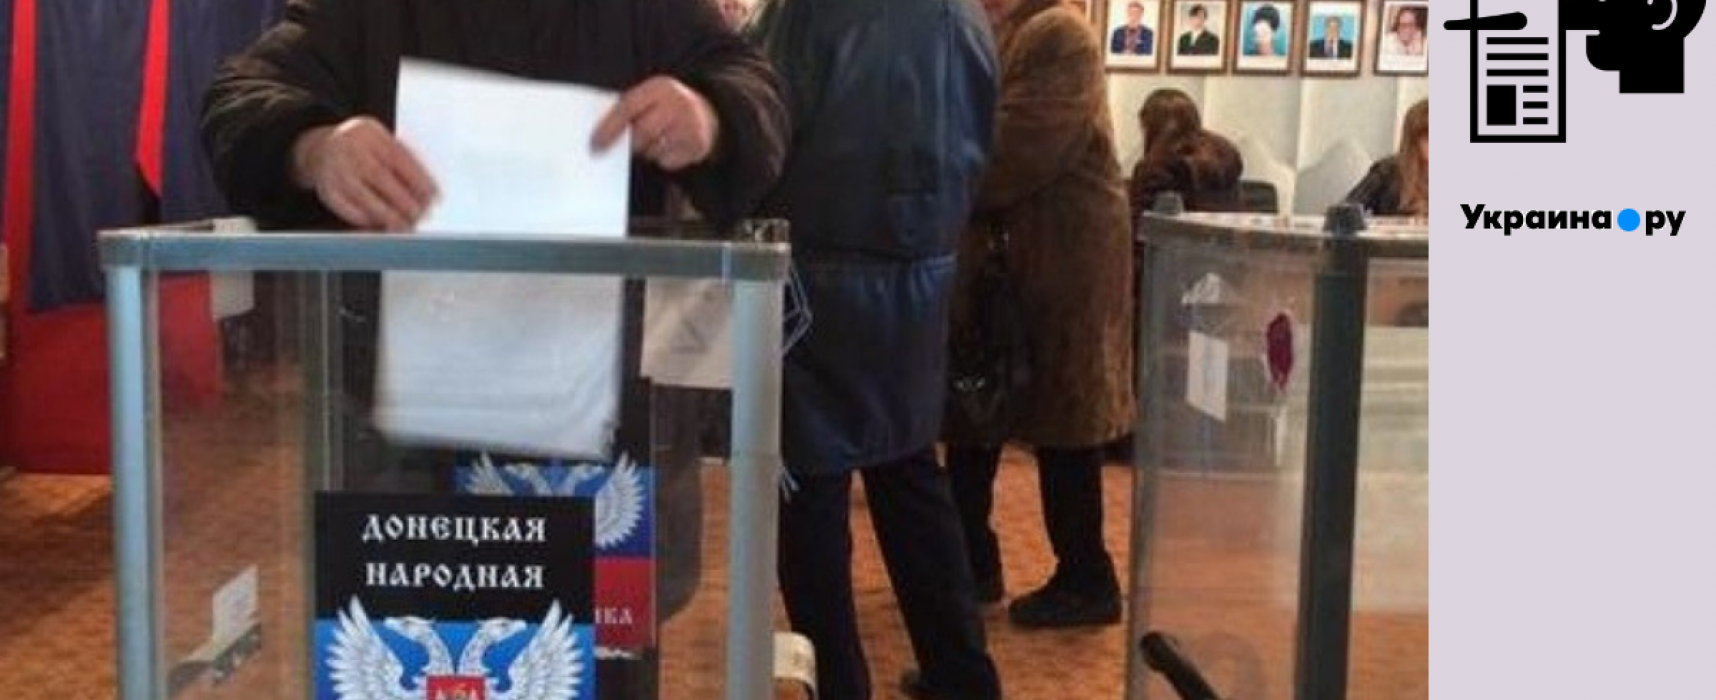 Фейк: Киев игнорирует Минские соглашения, «срывая выборы в ЛДНР»